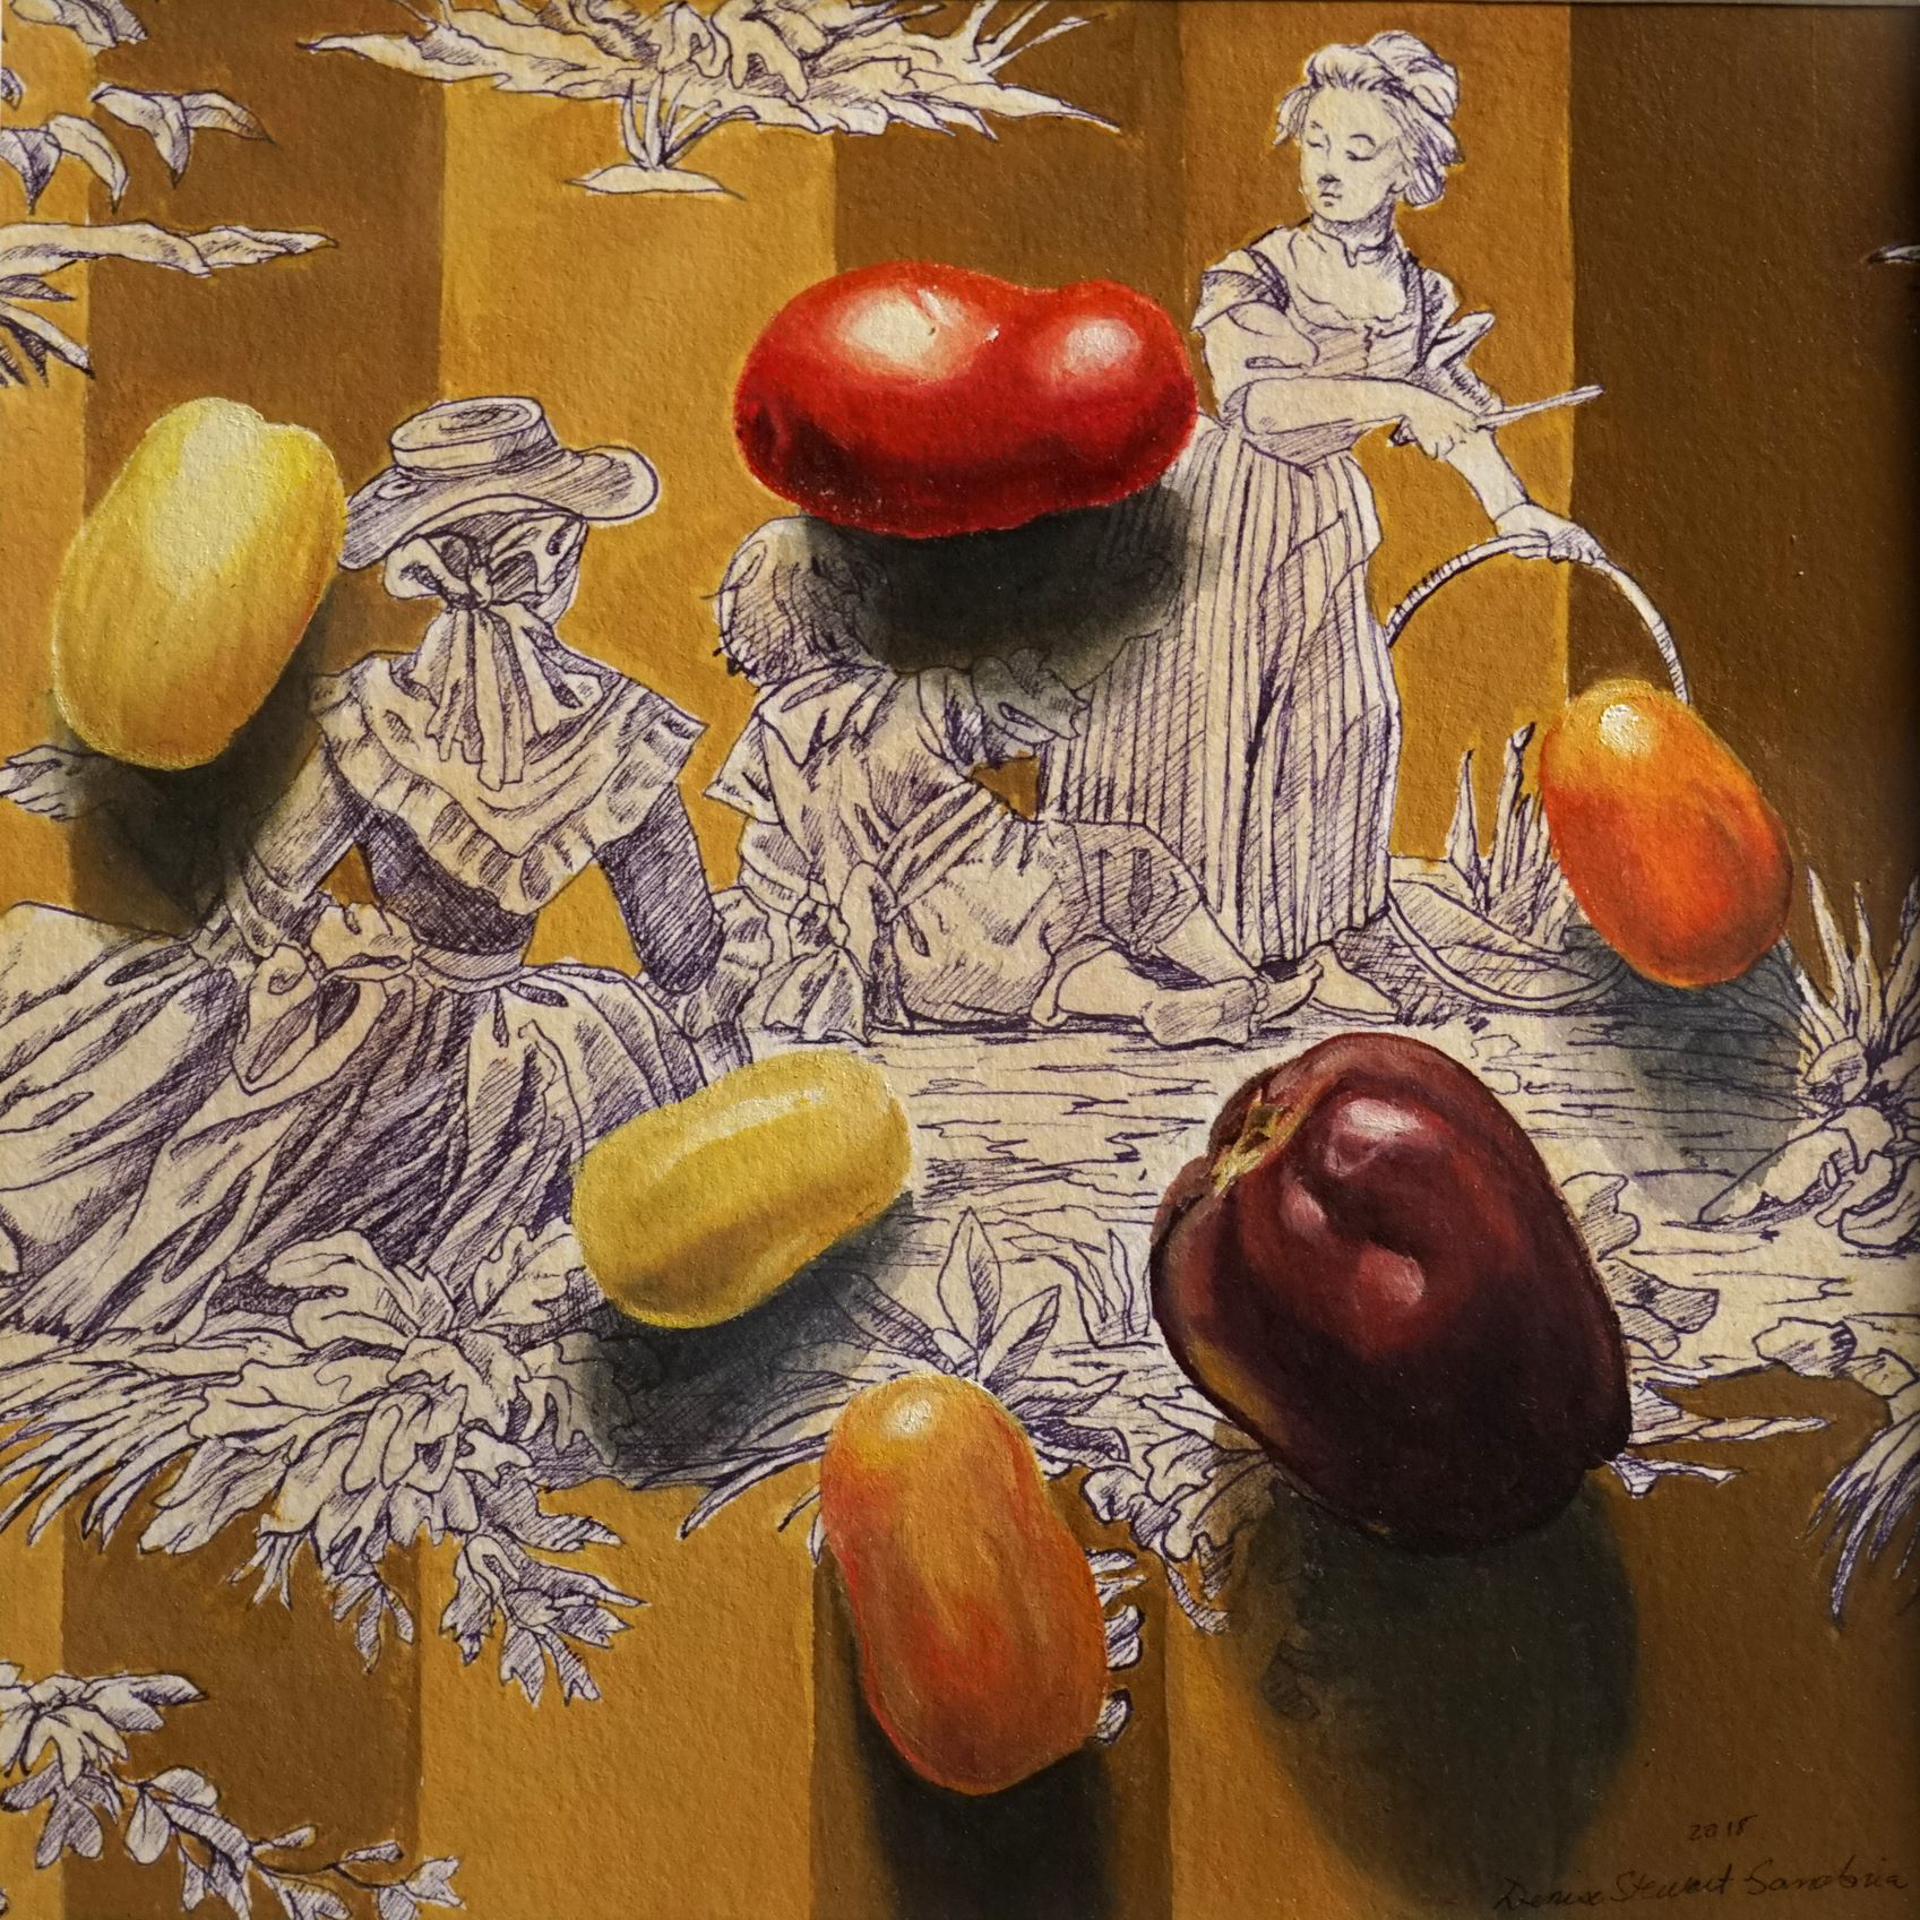 Heirlooms by Denise Stewart-Sanabria